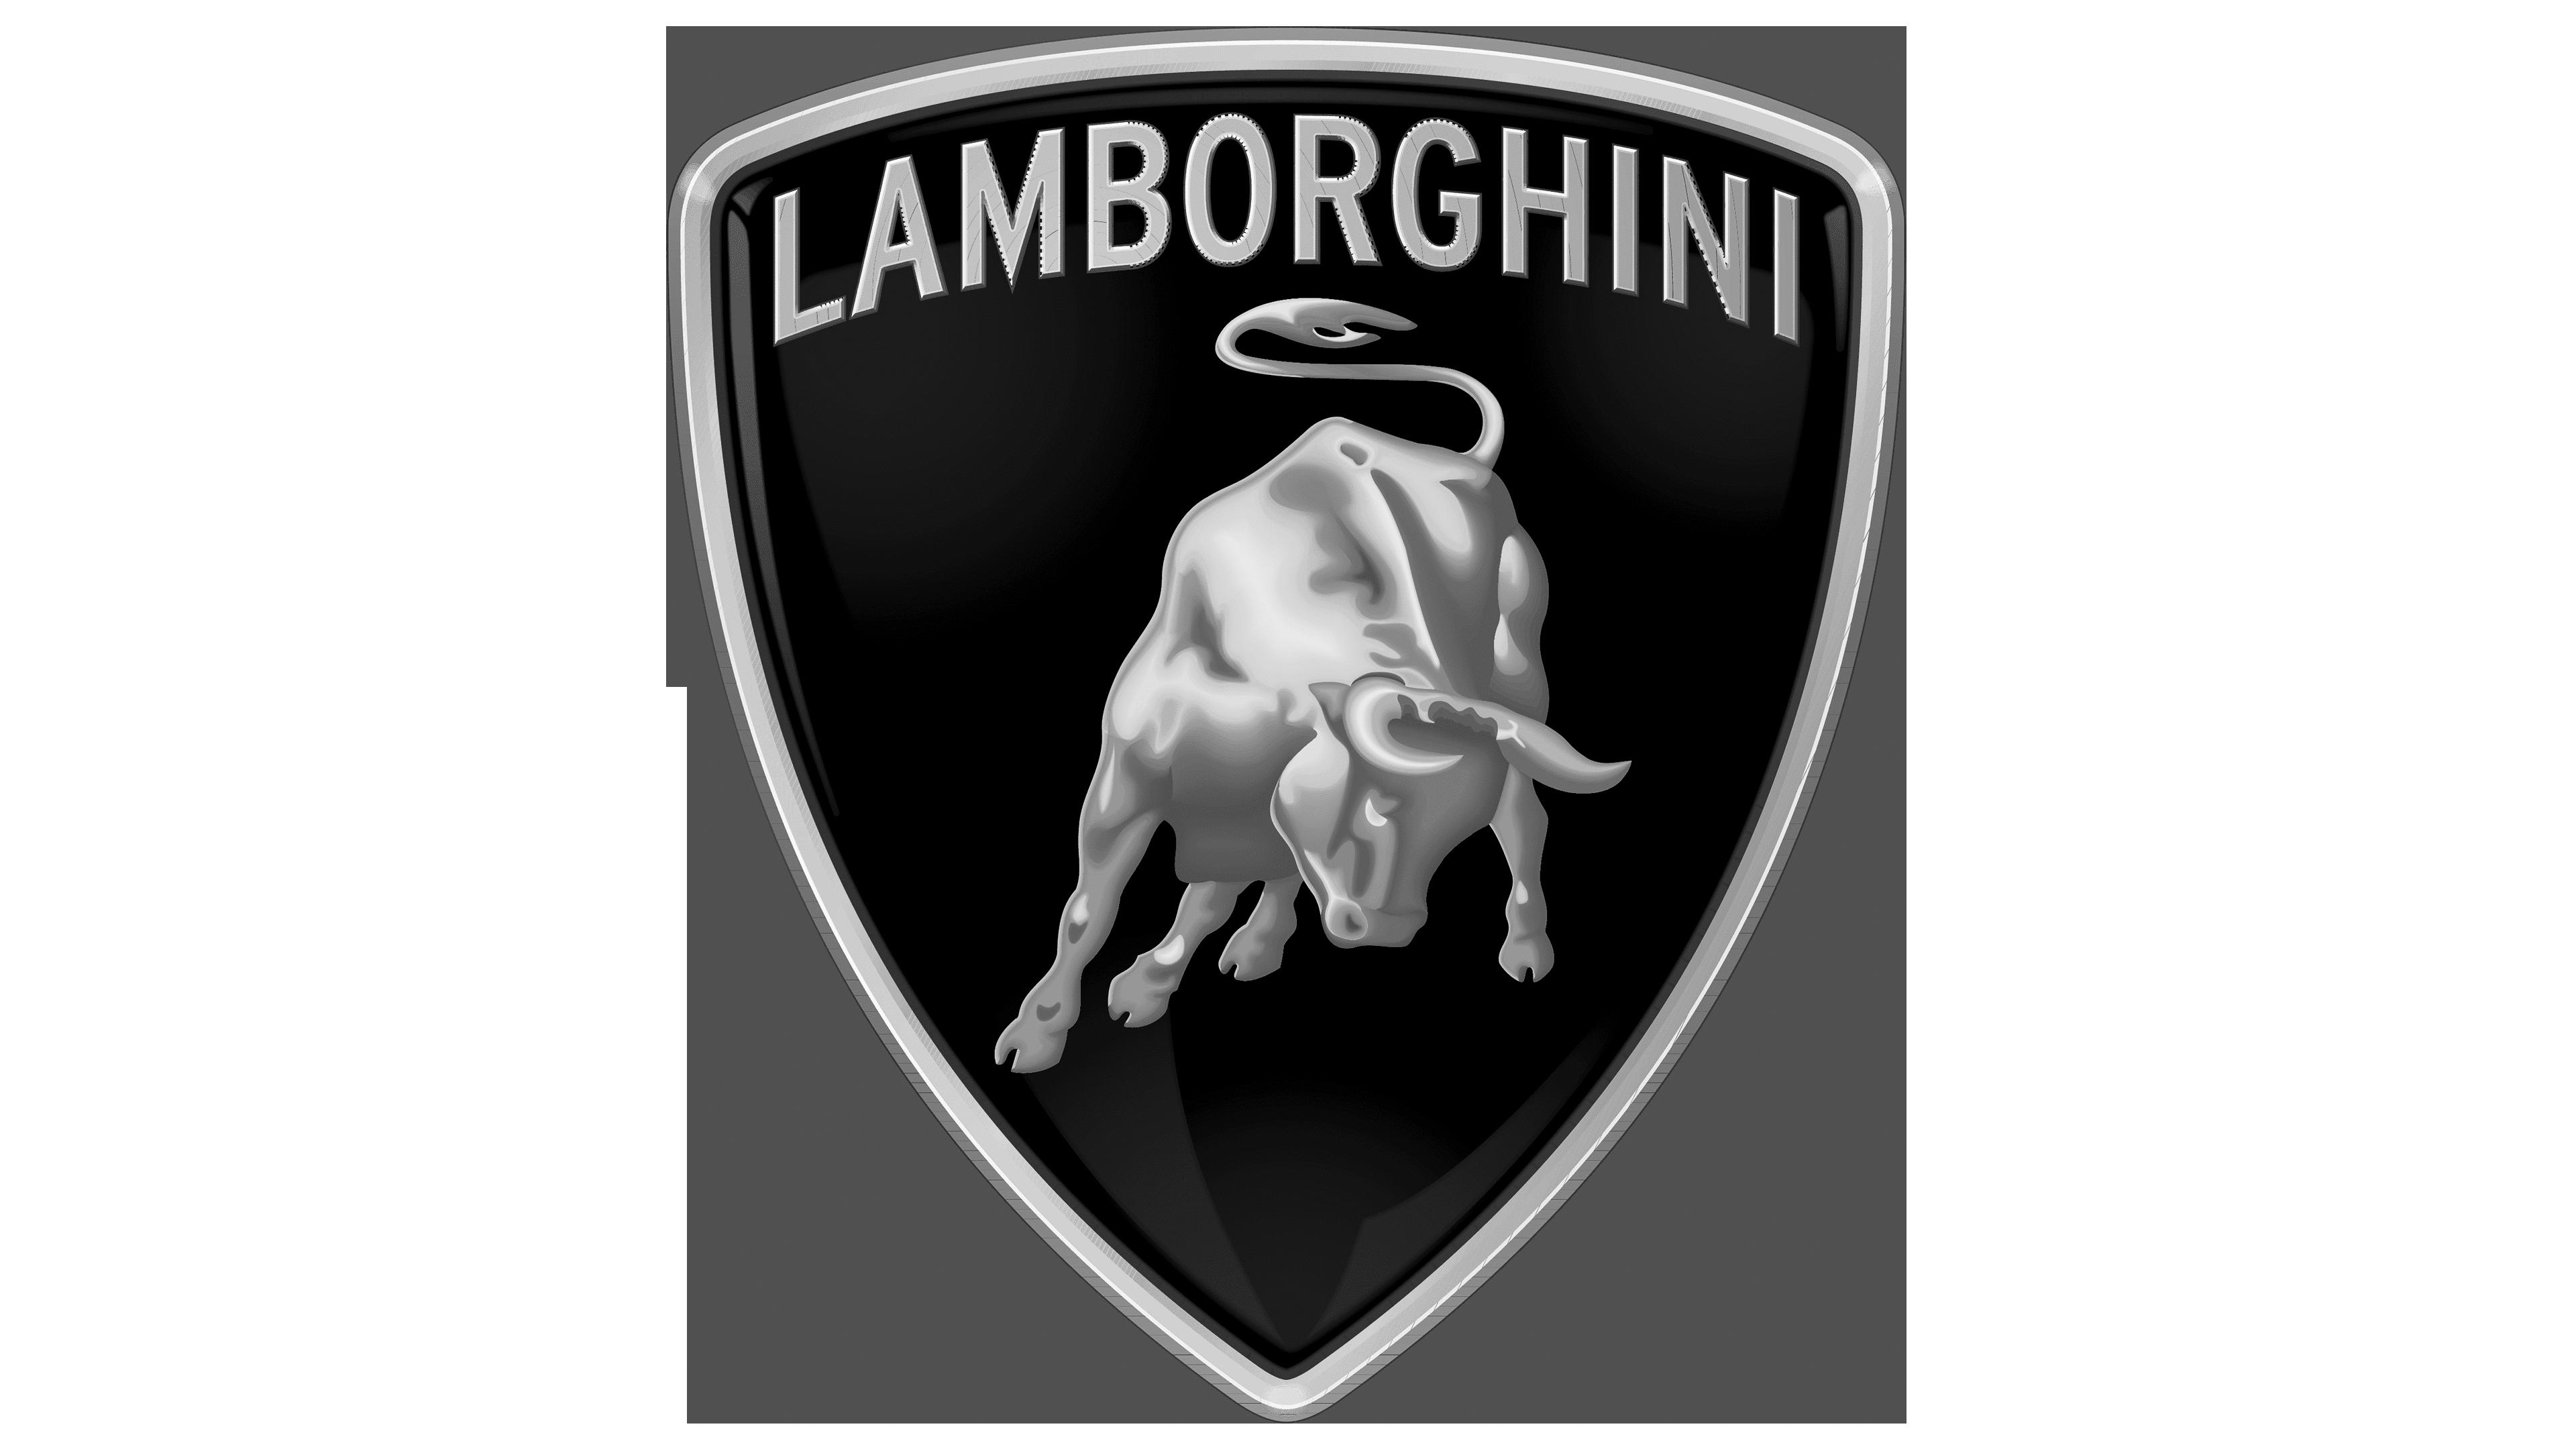 Lamborghini-Logo_Gray